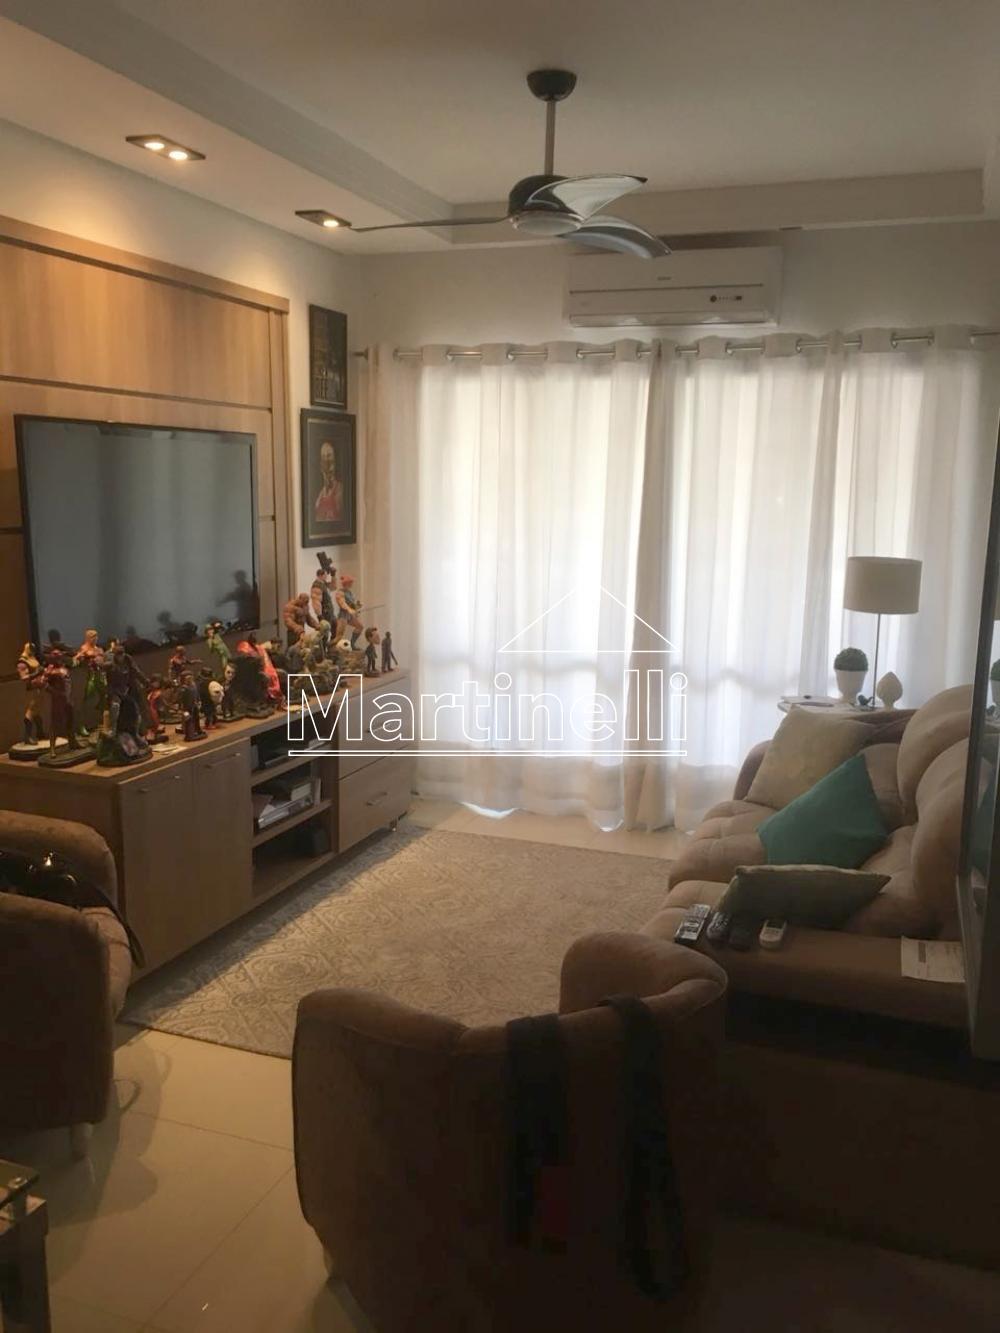 Comprar Apartamento / Padrão em Ribeirão Preto apenas R$ 445.000,00 - Foto 3